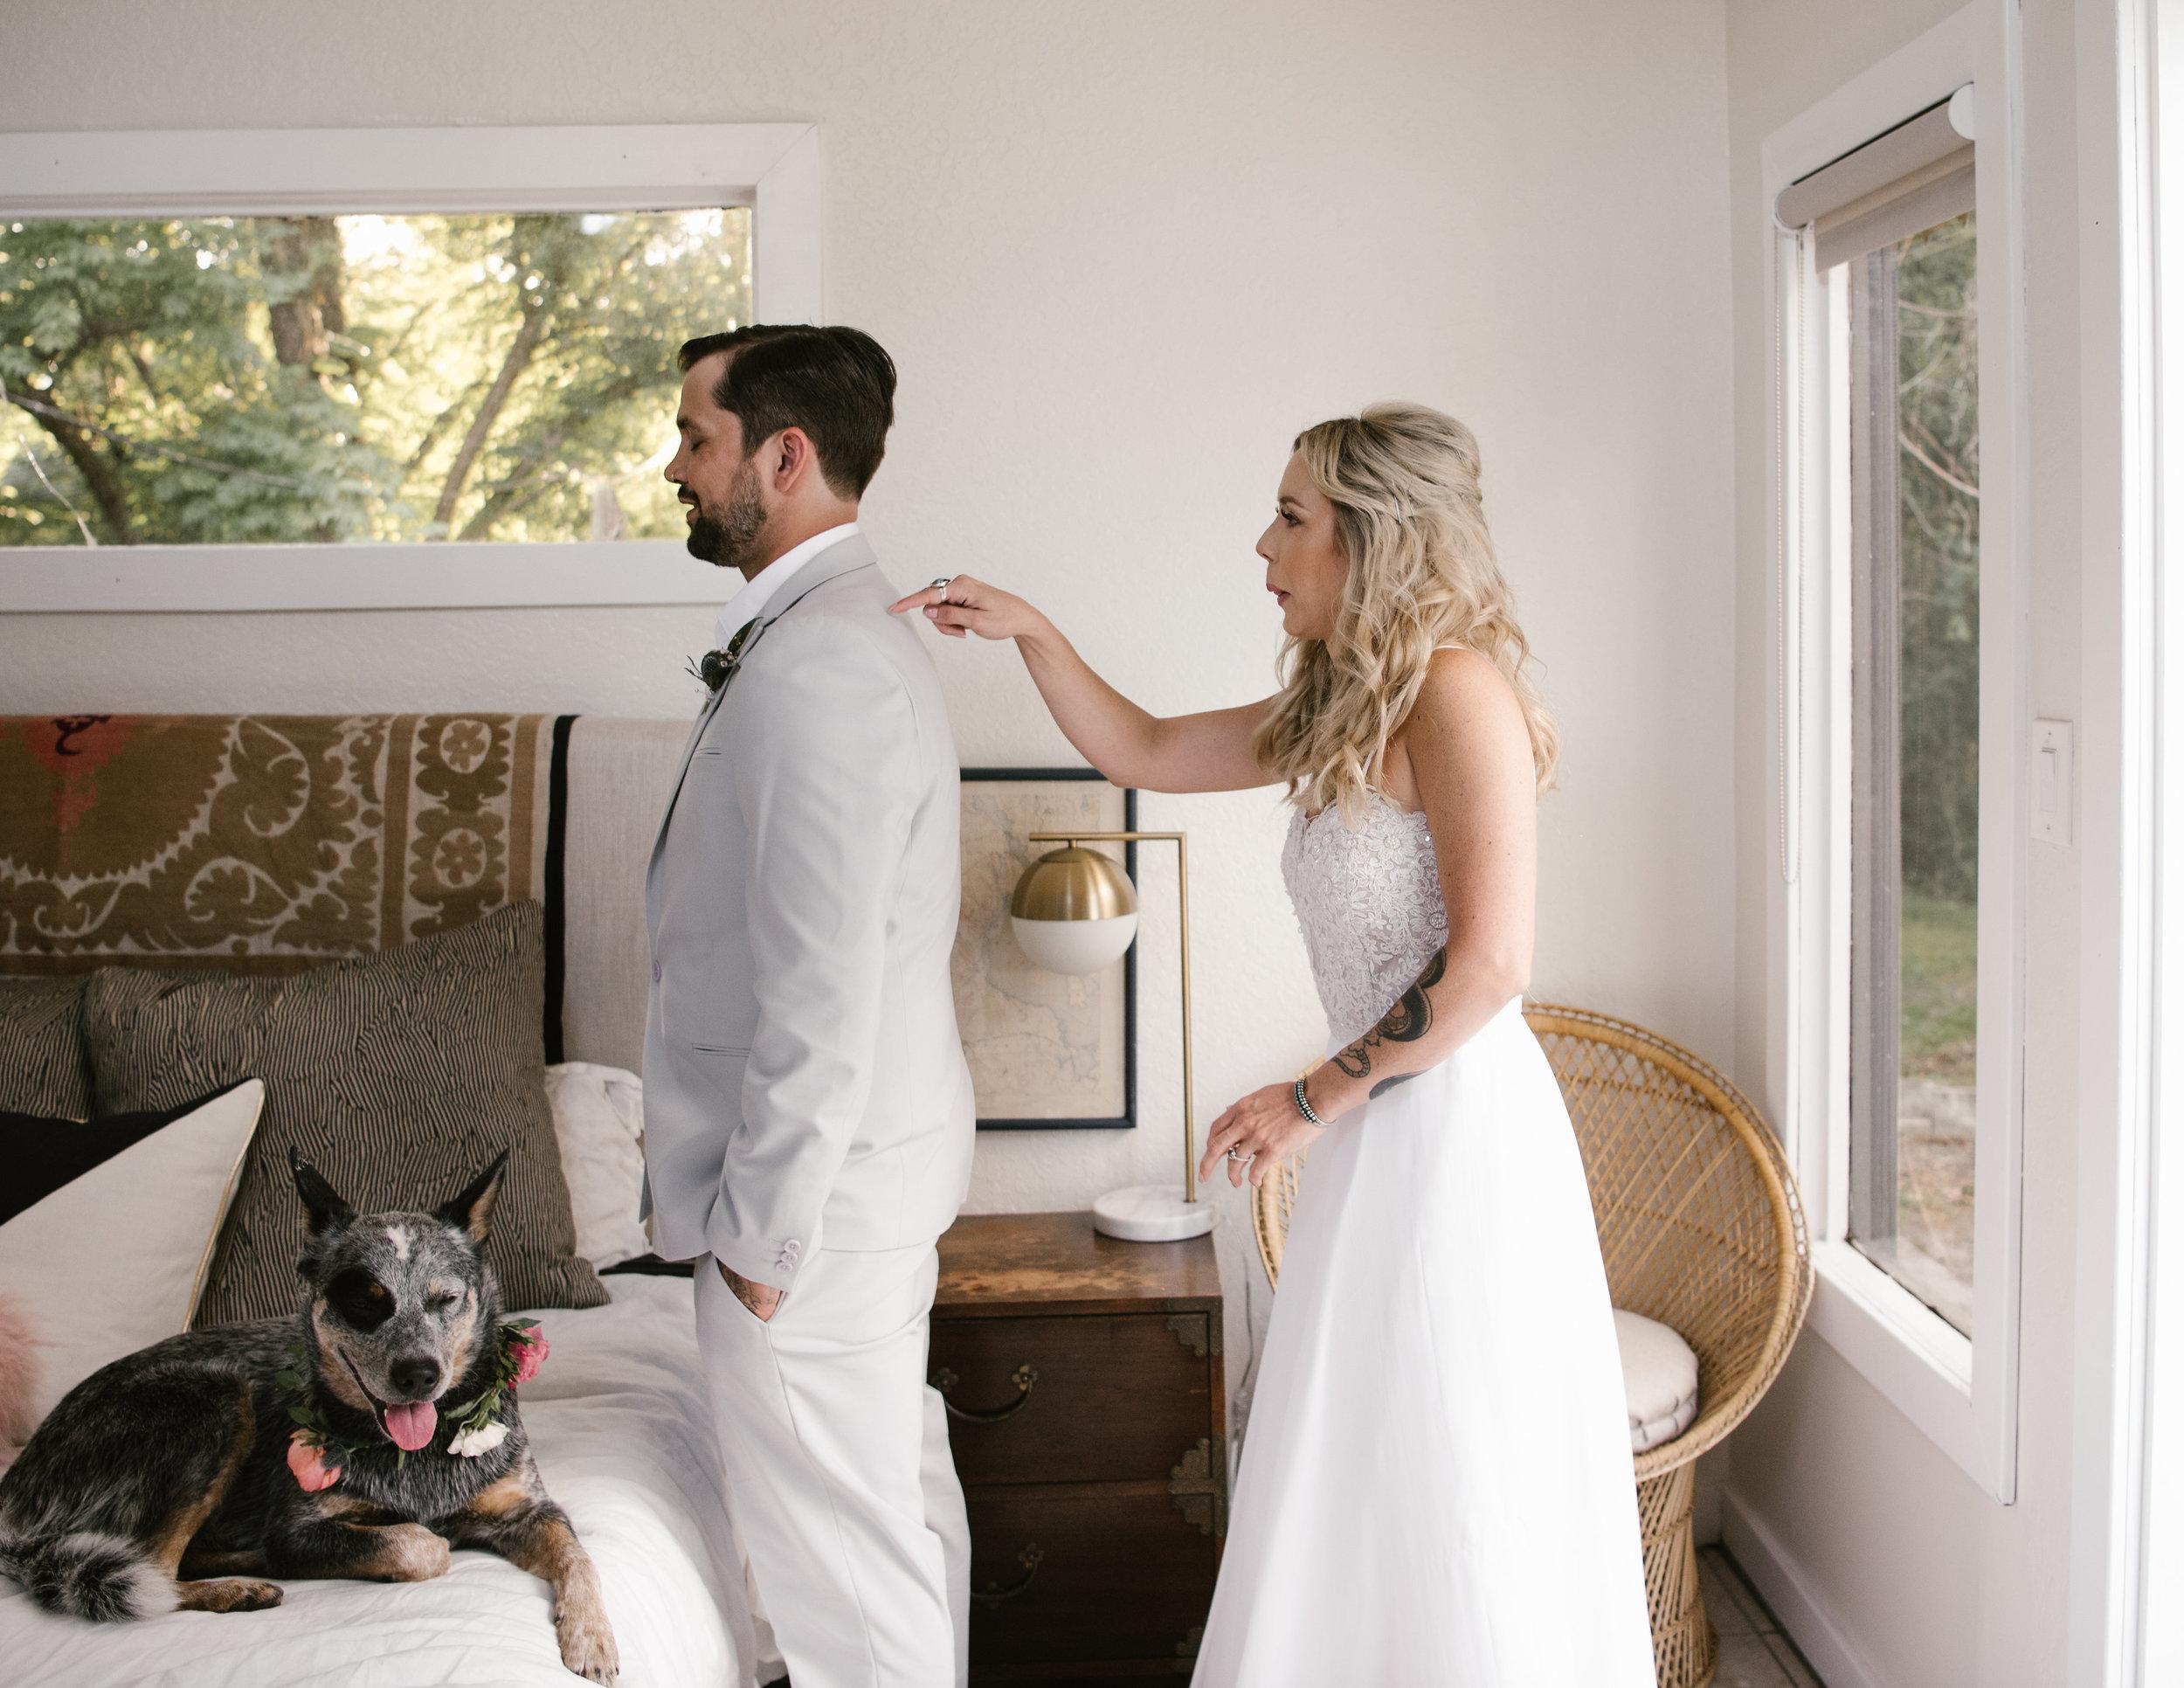 michelle-ronnie-backyard-wedding-336.jpg